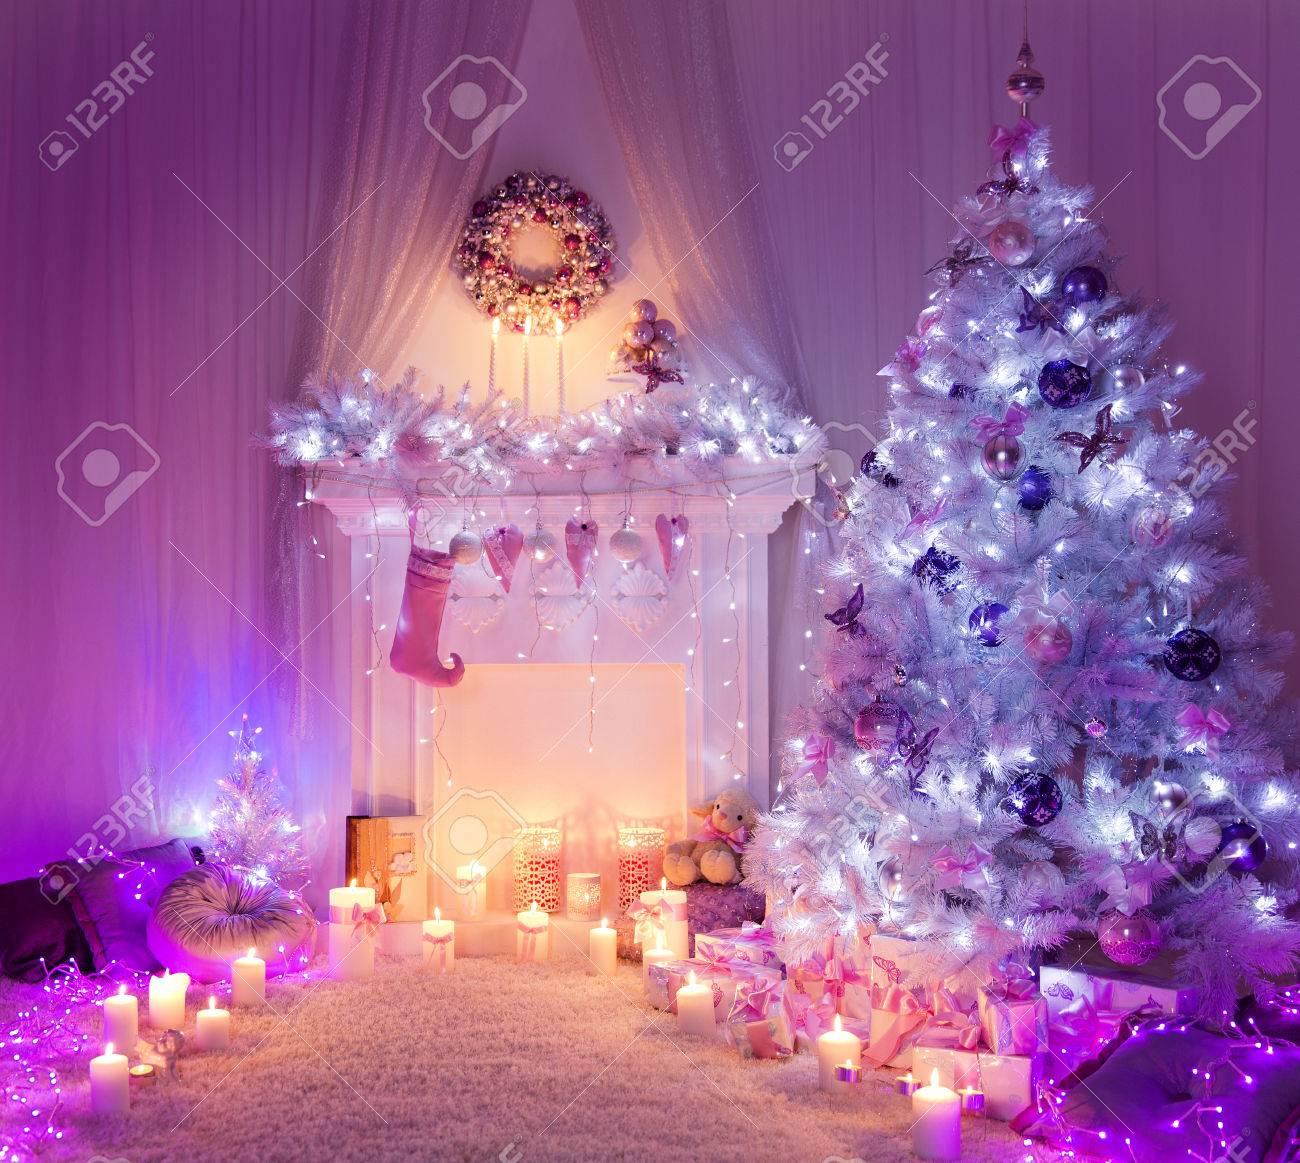 Weihnachten Room Kamin Leuchten Weihnachten Wohngebaude Innen Dekoration Hangen Socken Und Geschenke Lizenzfreie Fotos Bilder Und Stock Fotografie Image 47428883